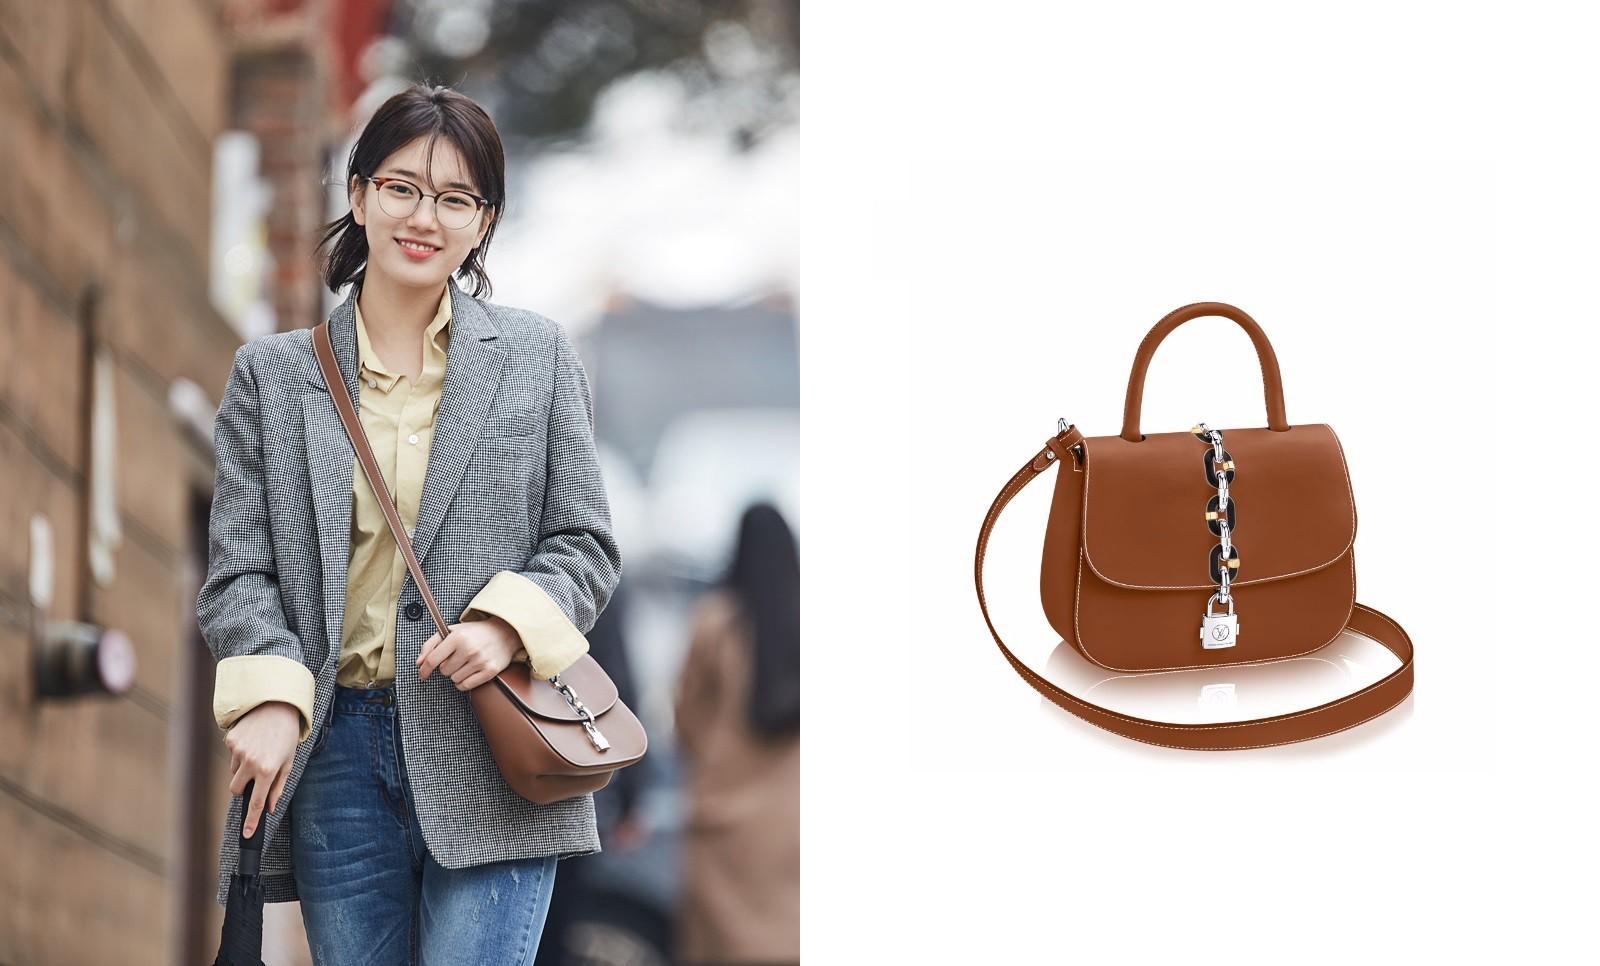 Khi Nàng Say Giấc đã hết nhưng bộ sưu tập gần 20 chiếc túi hiệu của Suzy trong phim vẫn khiến dân tình phát thèm - Ảnh 3.